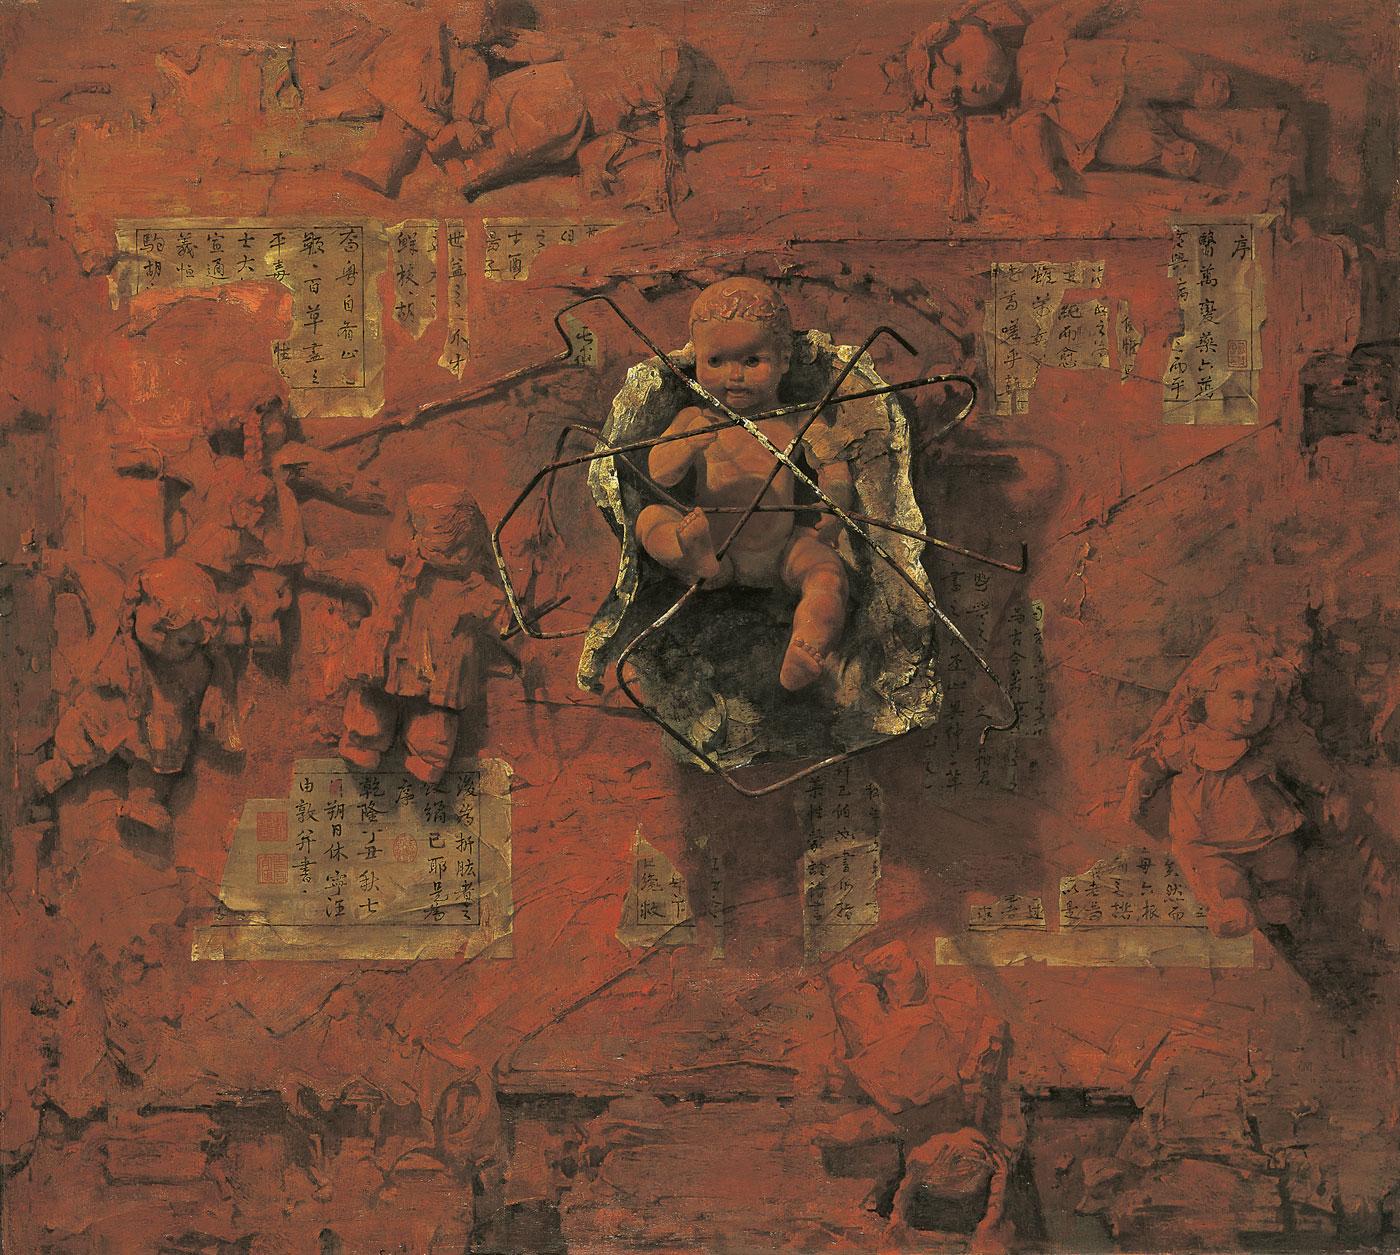 郭润文《天惶惶地惶惶》油画 120×135cm 1996年